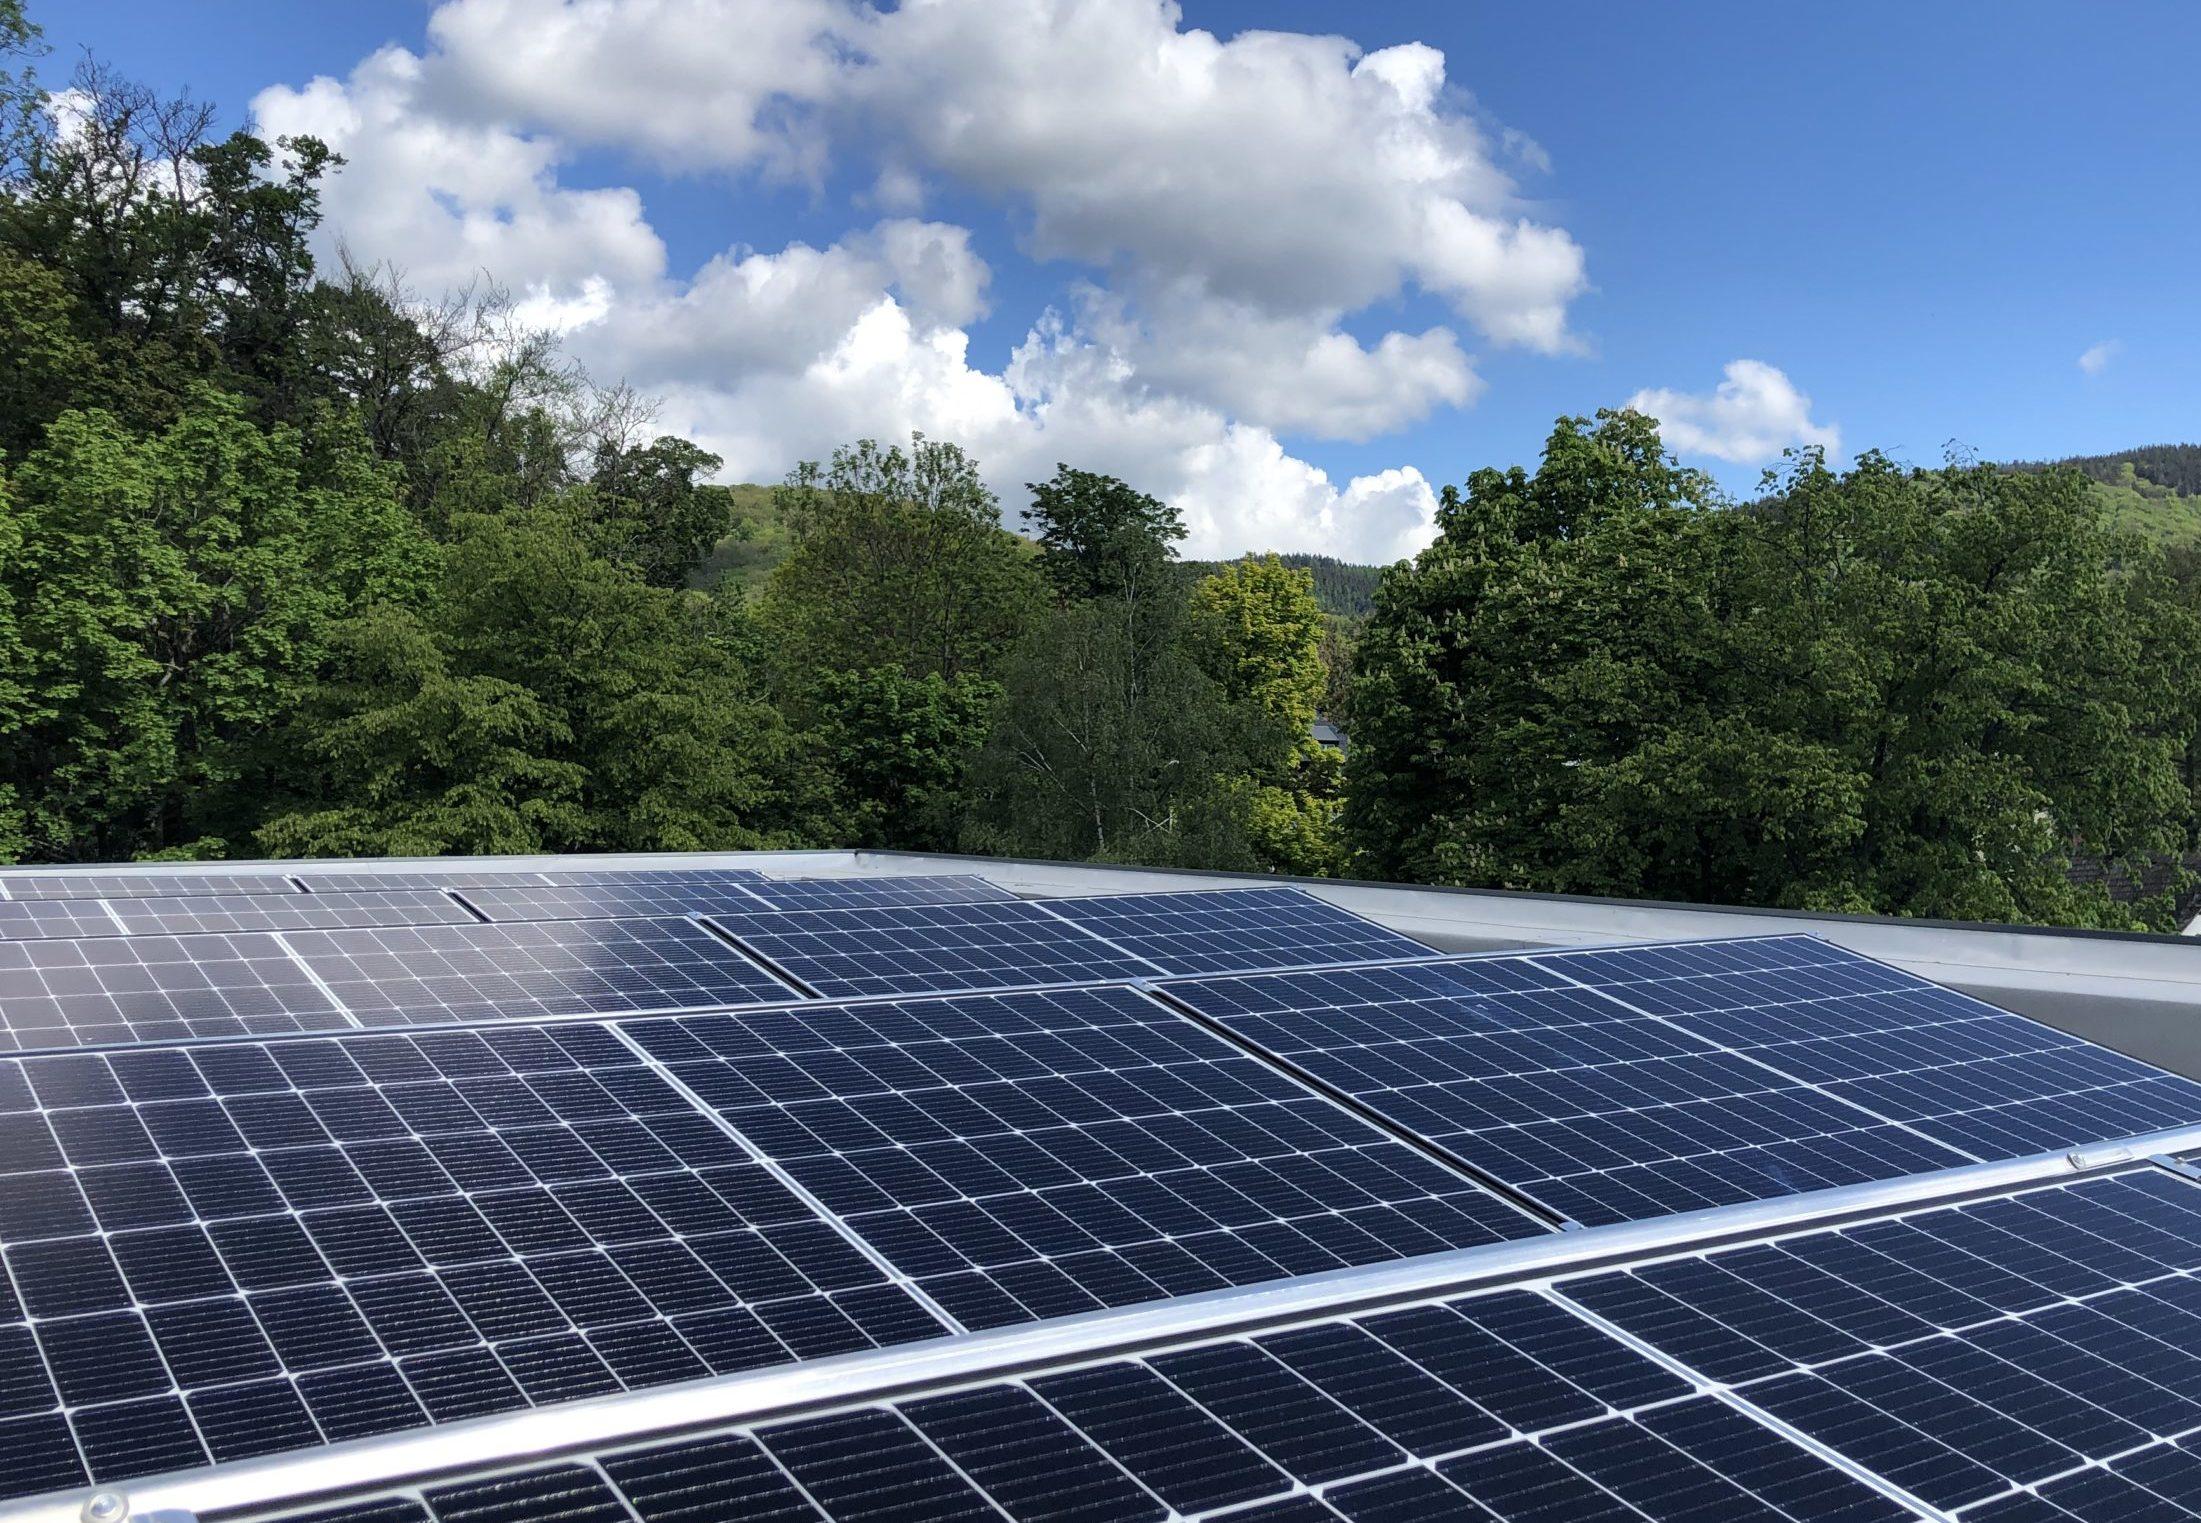 Solardach Solarmodule Photovoltaikanlage Gewerbe Unternehmen